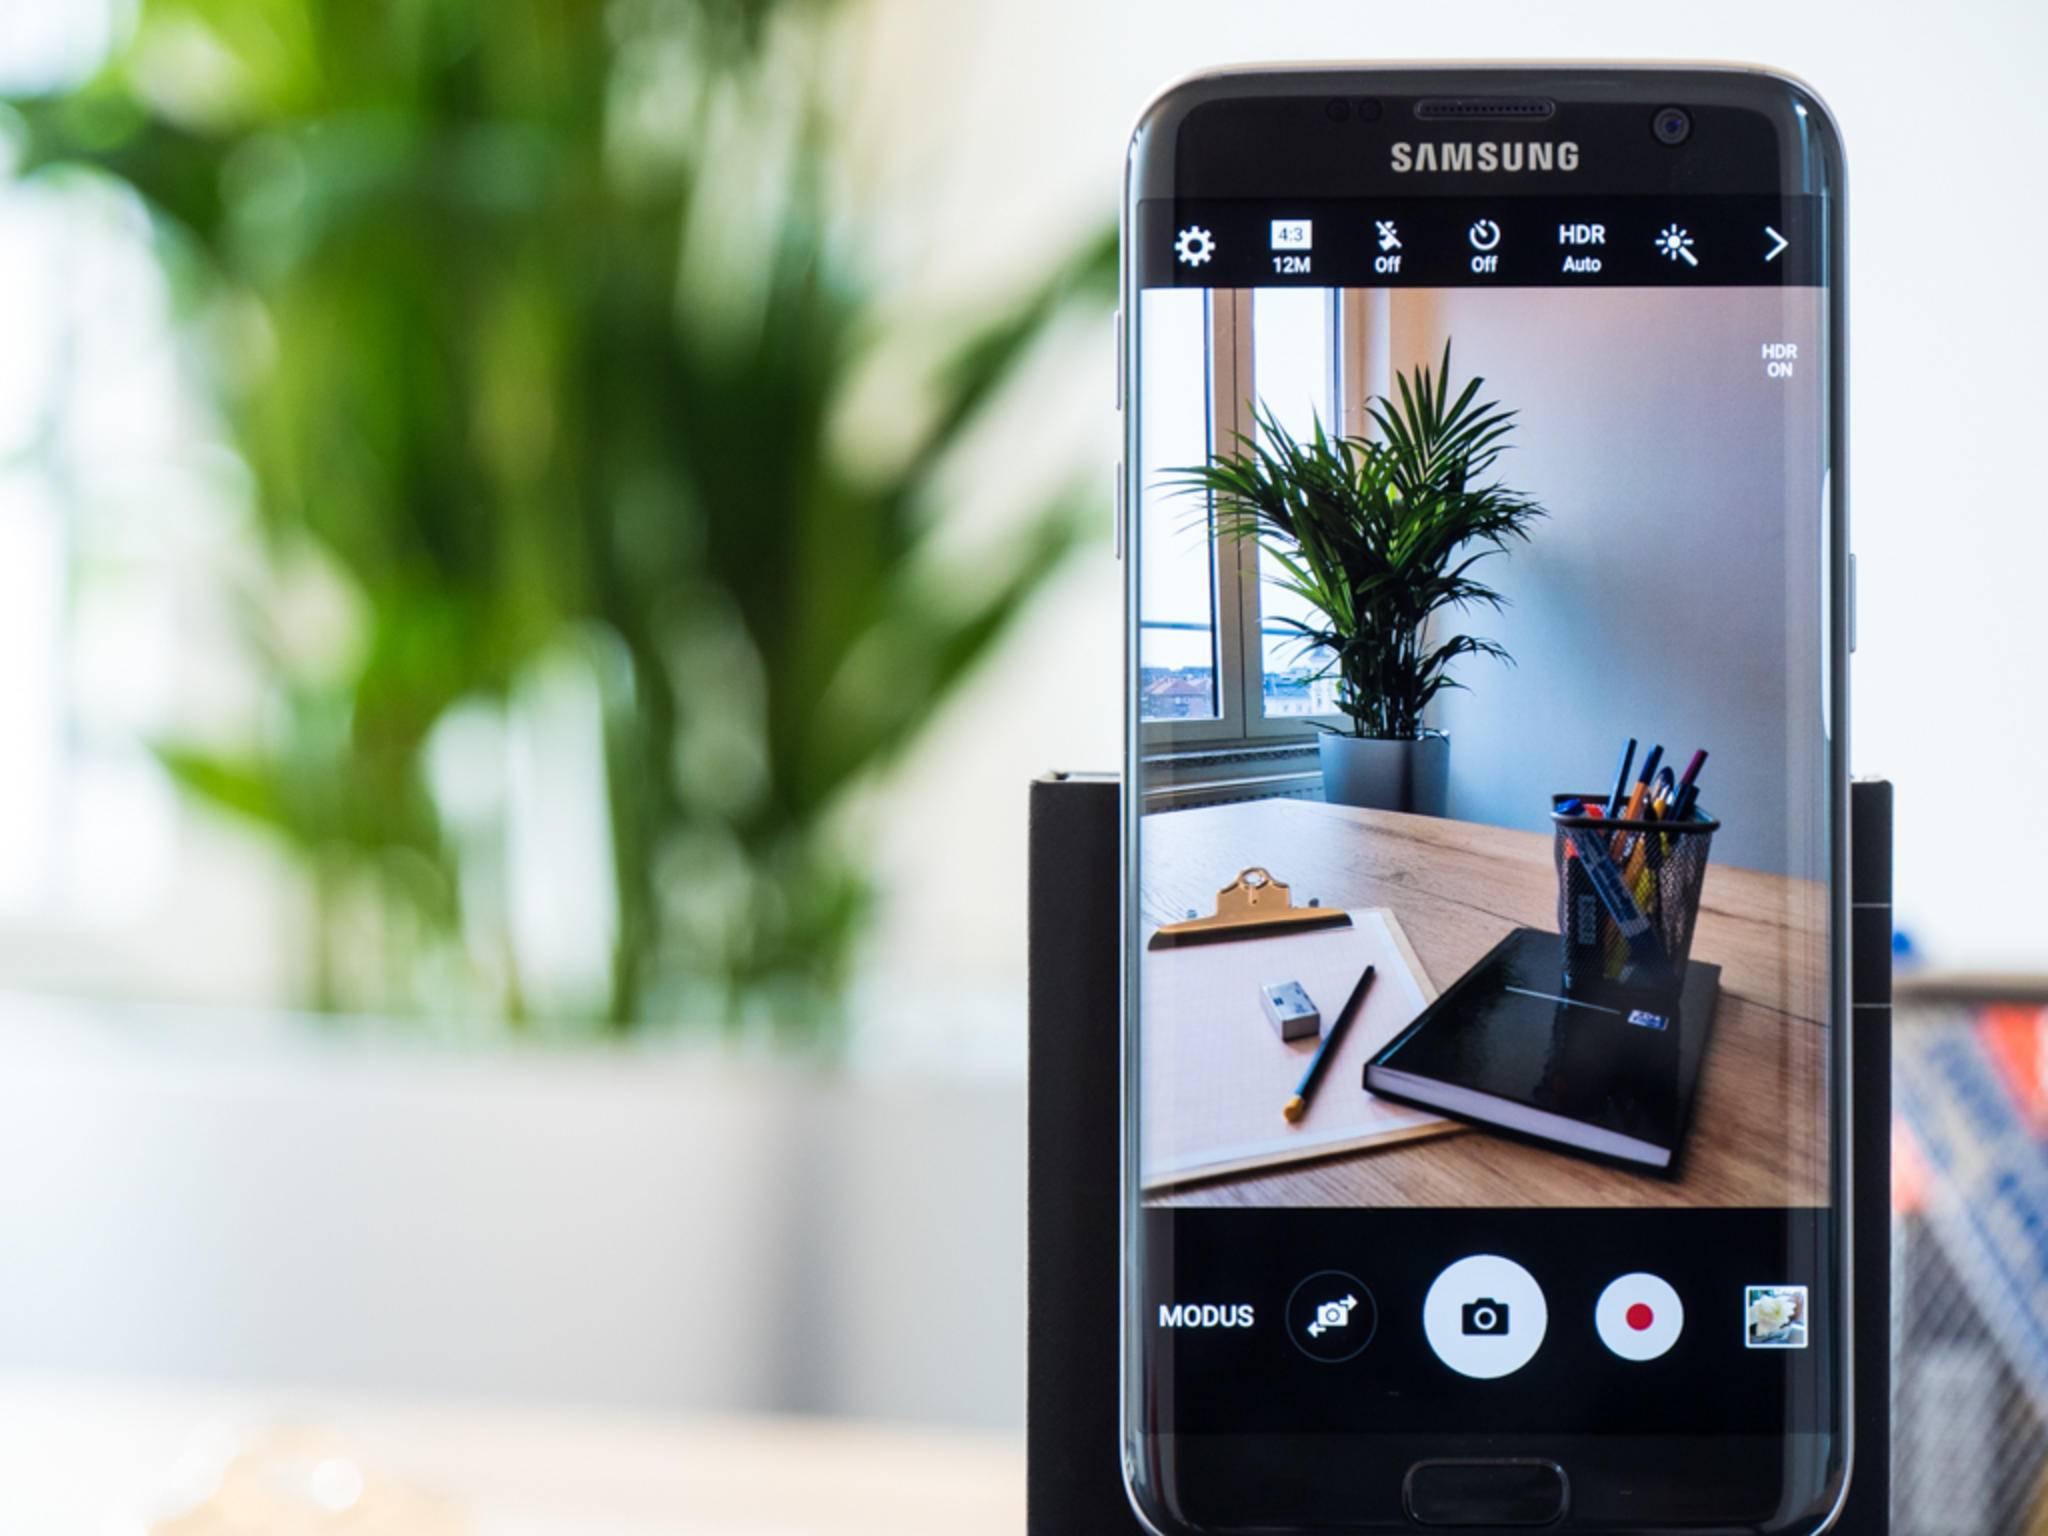 Viele Kamera-Modi wie Hyperlapse oder Essen schaffen es trotz Update nicht auf die 2015er-Modelle.